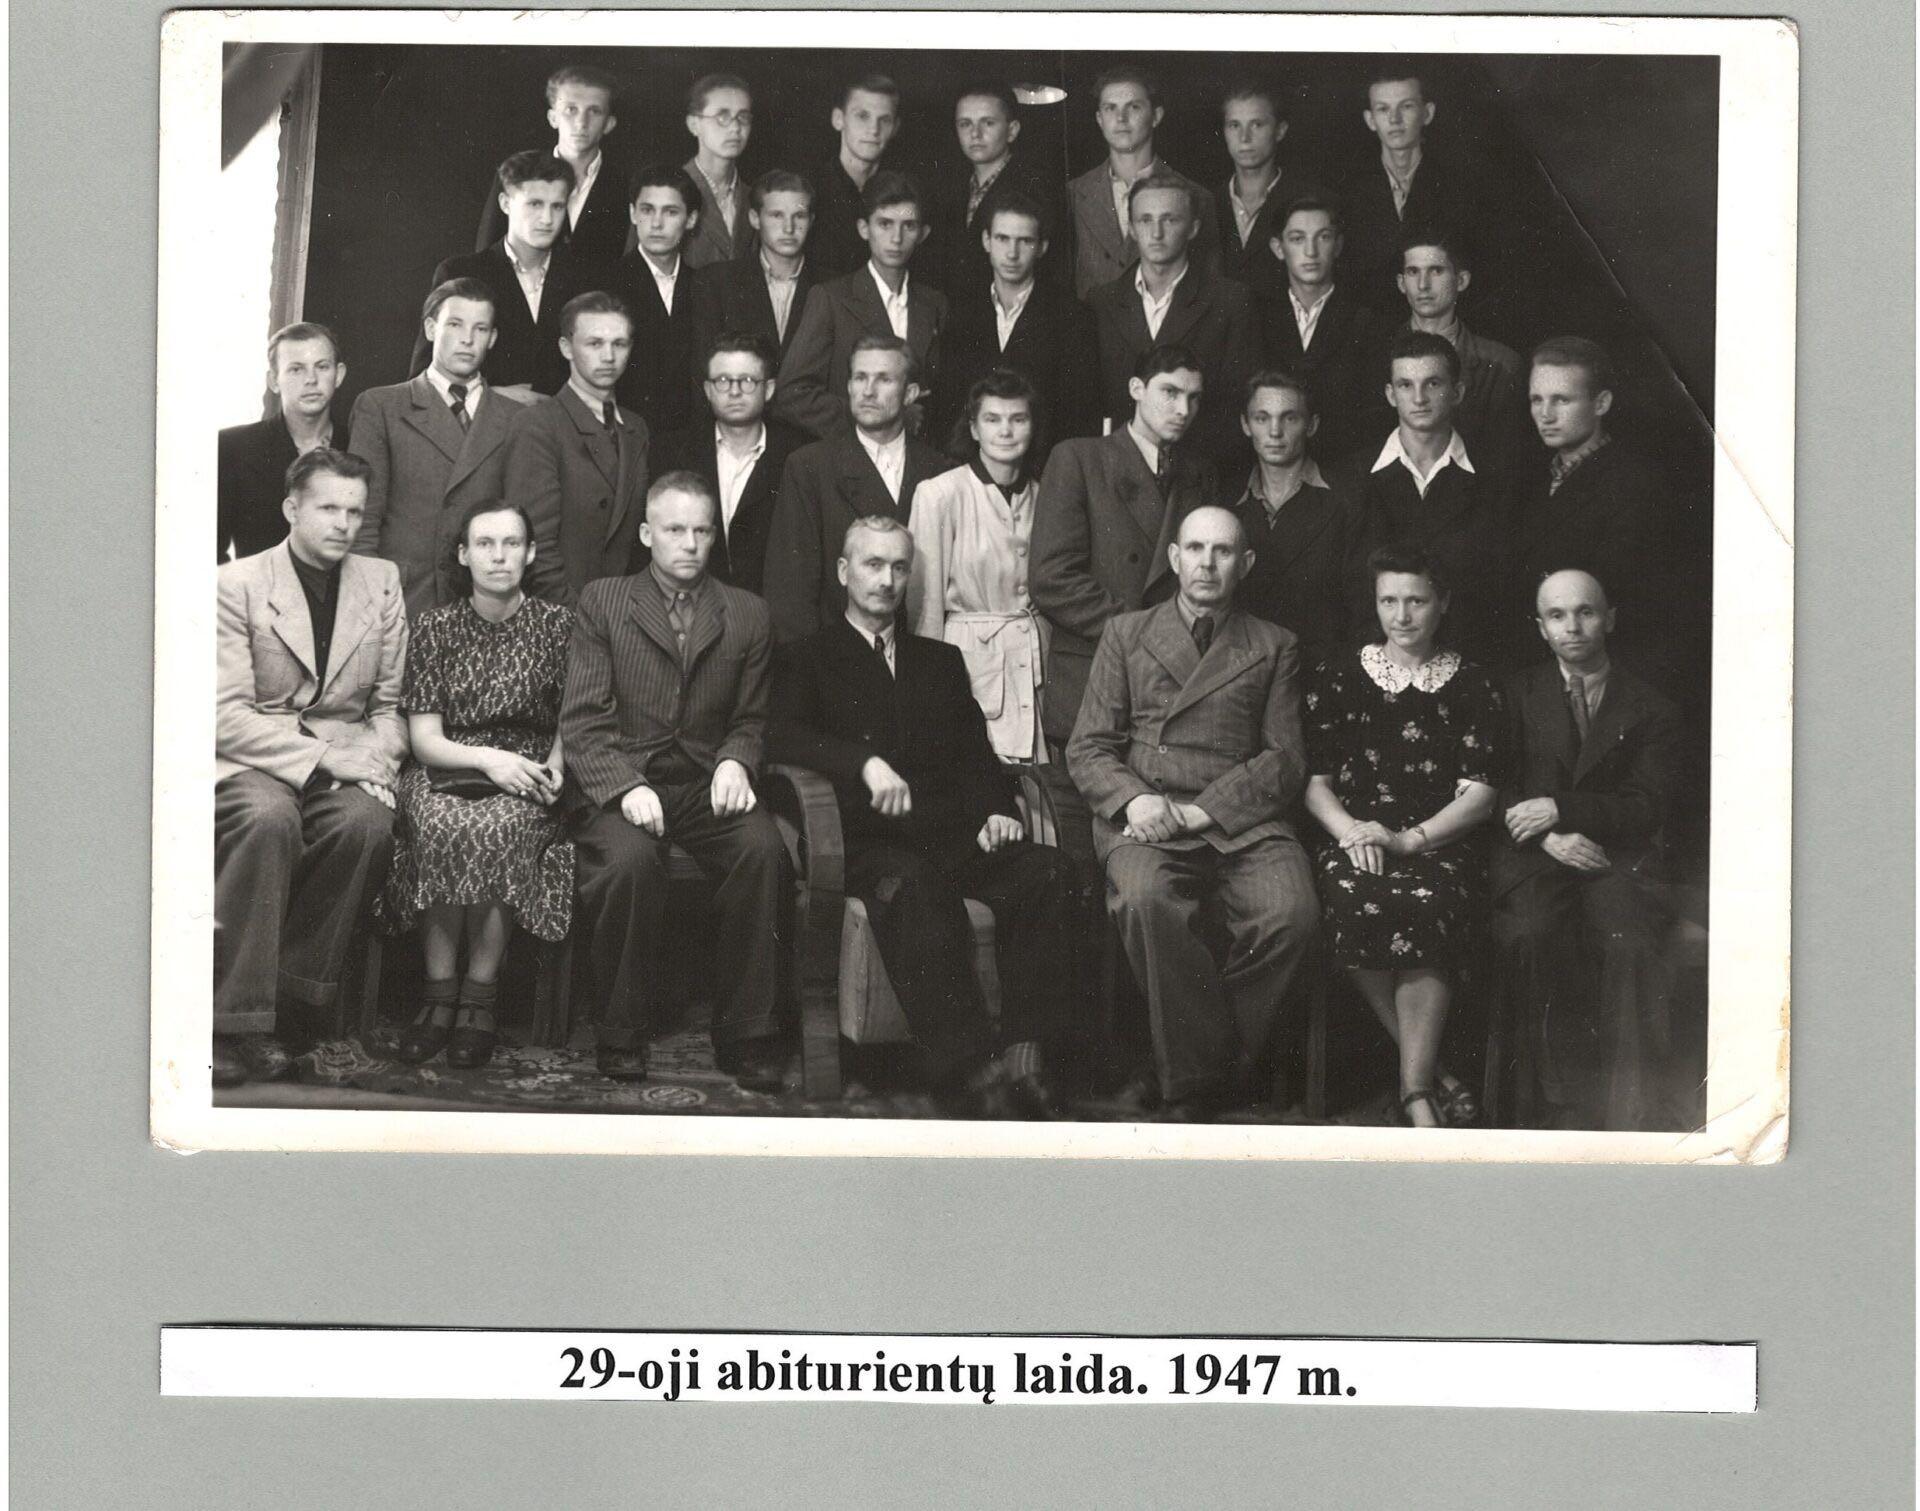 29-a laida, 1947 m.